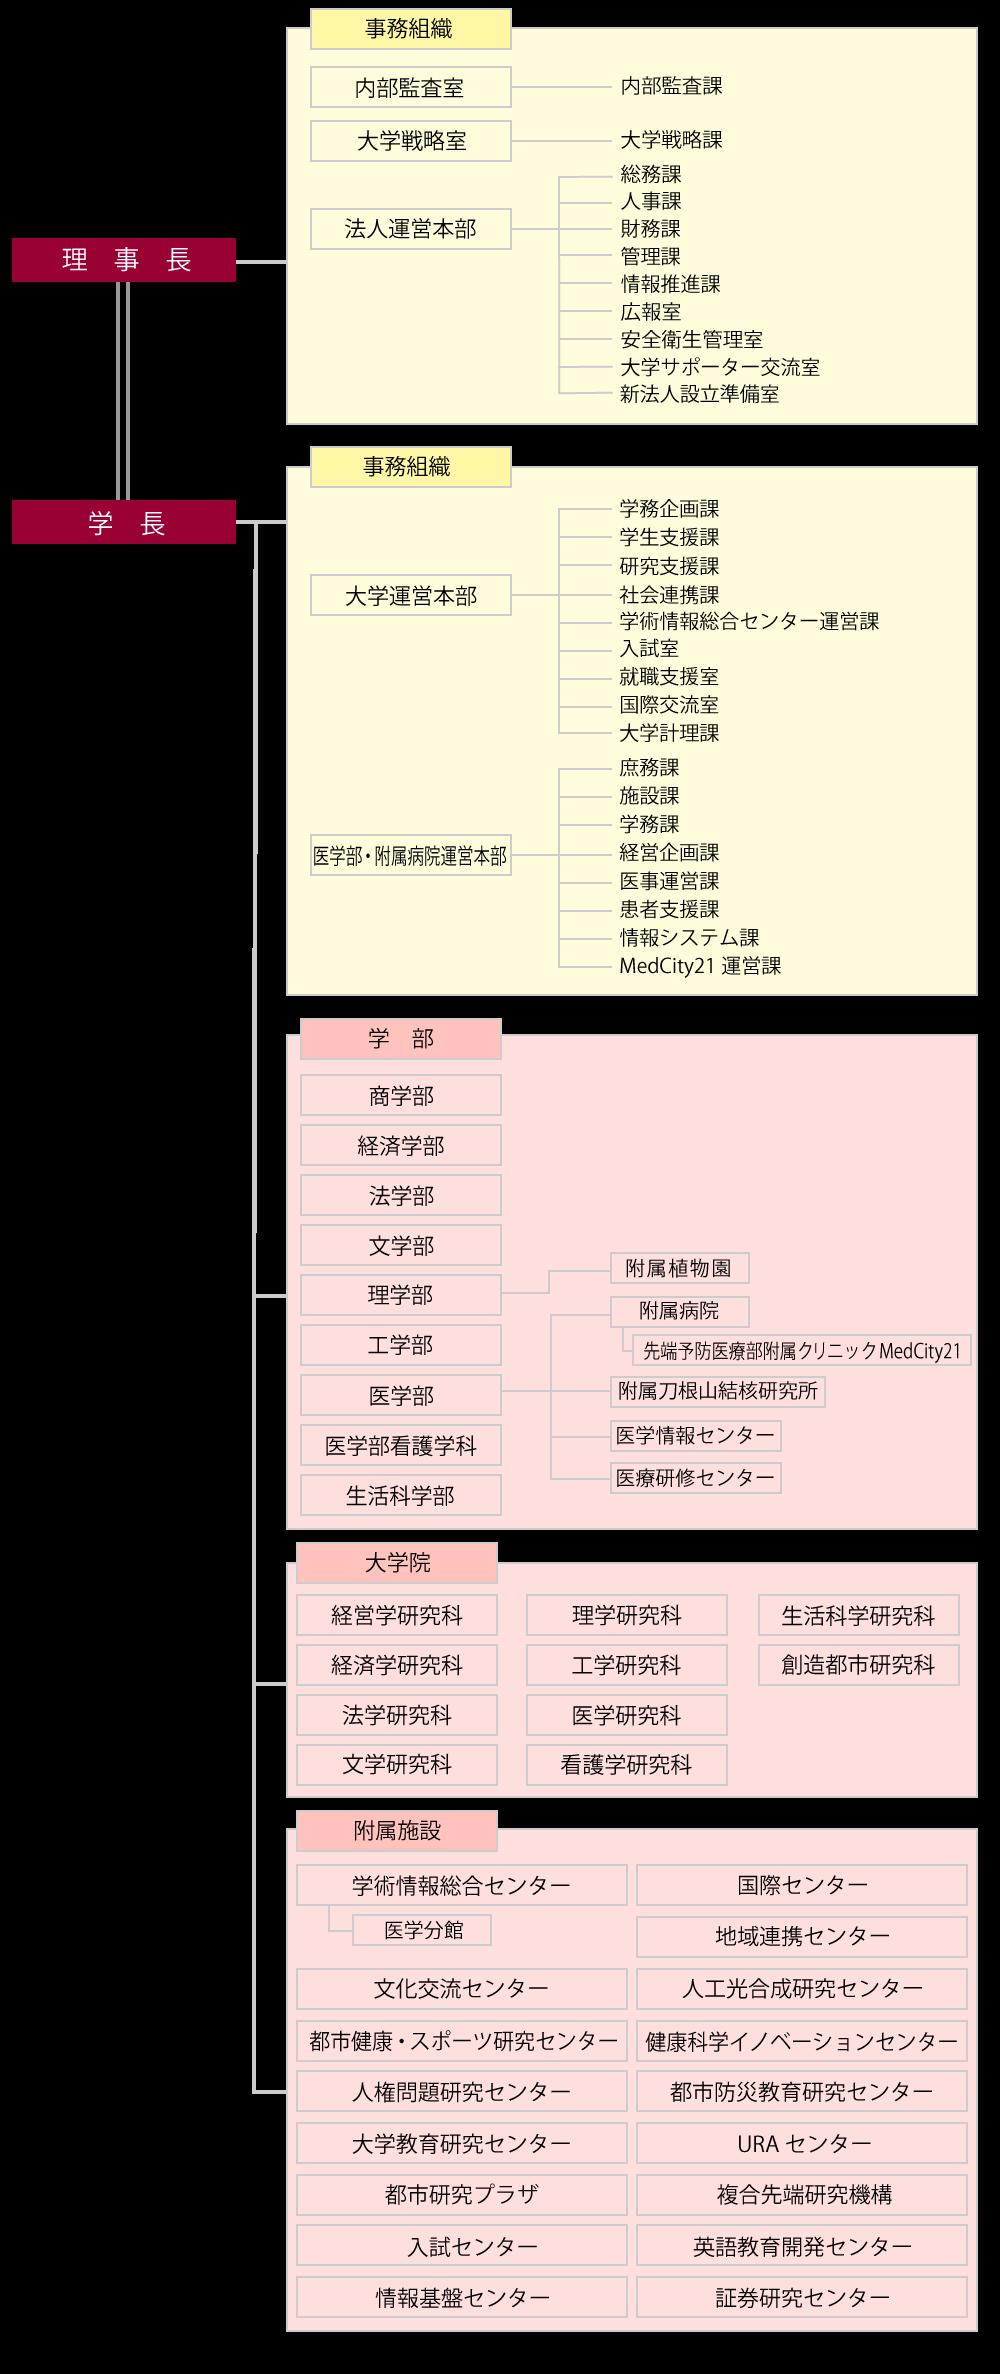 20170401soshikizu